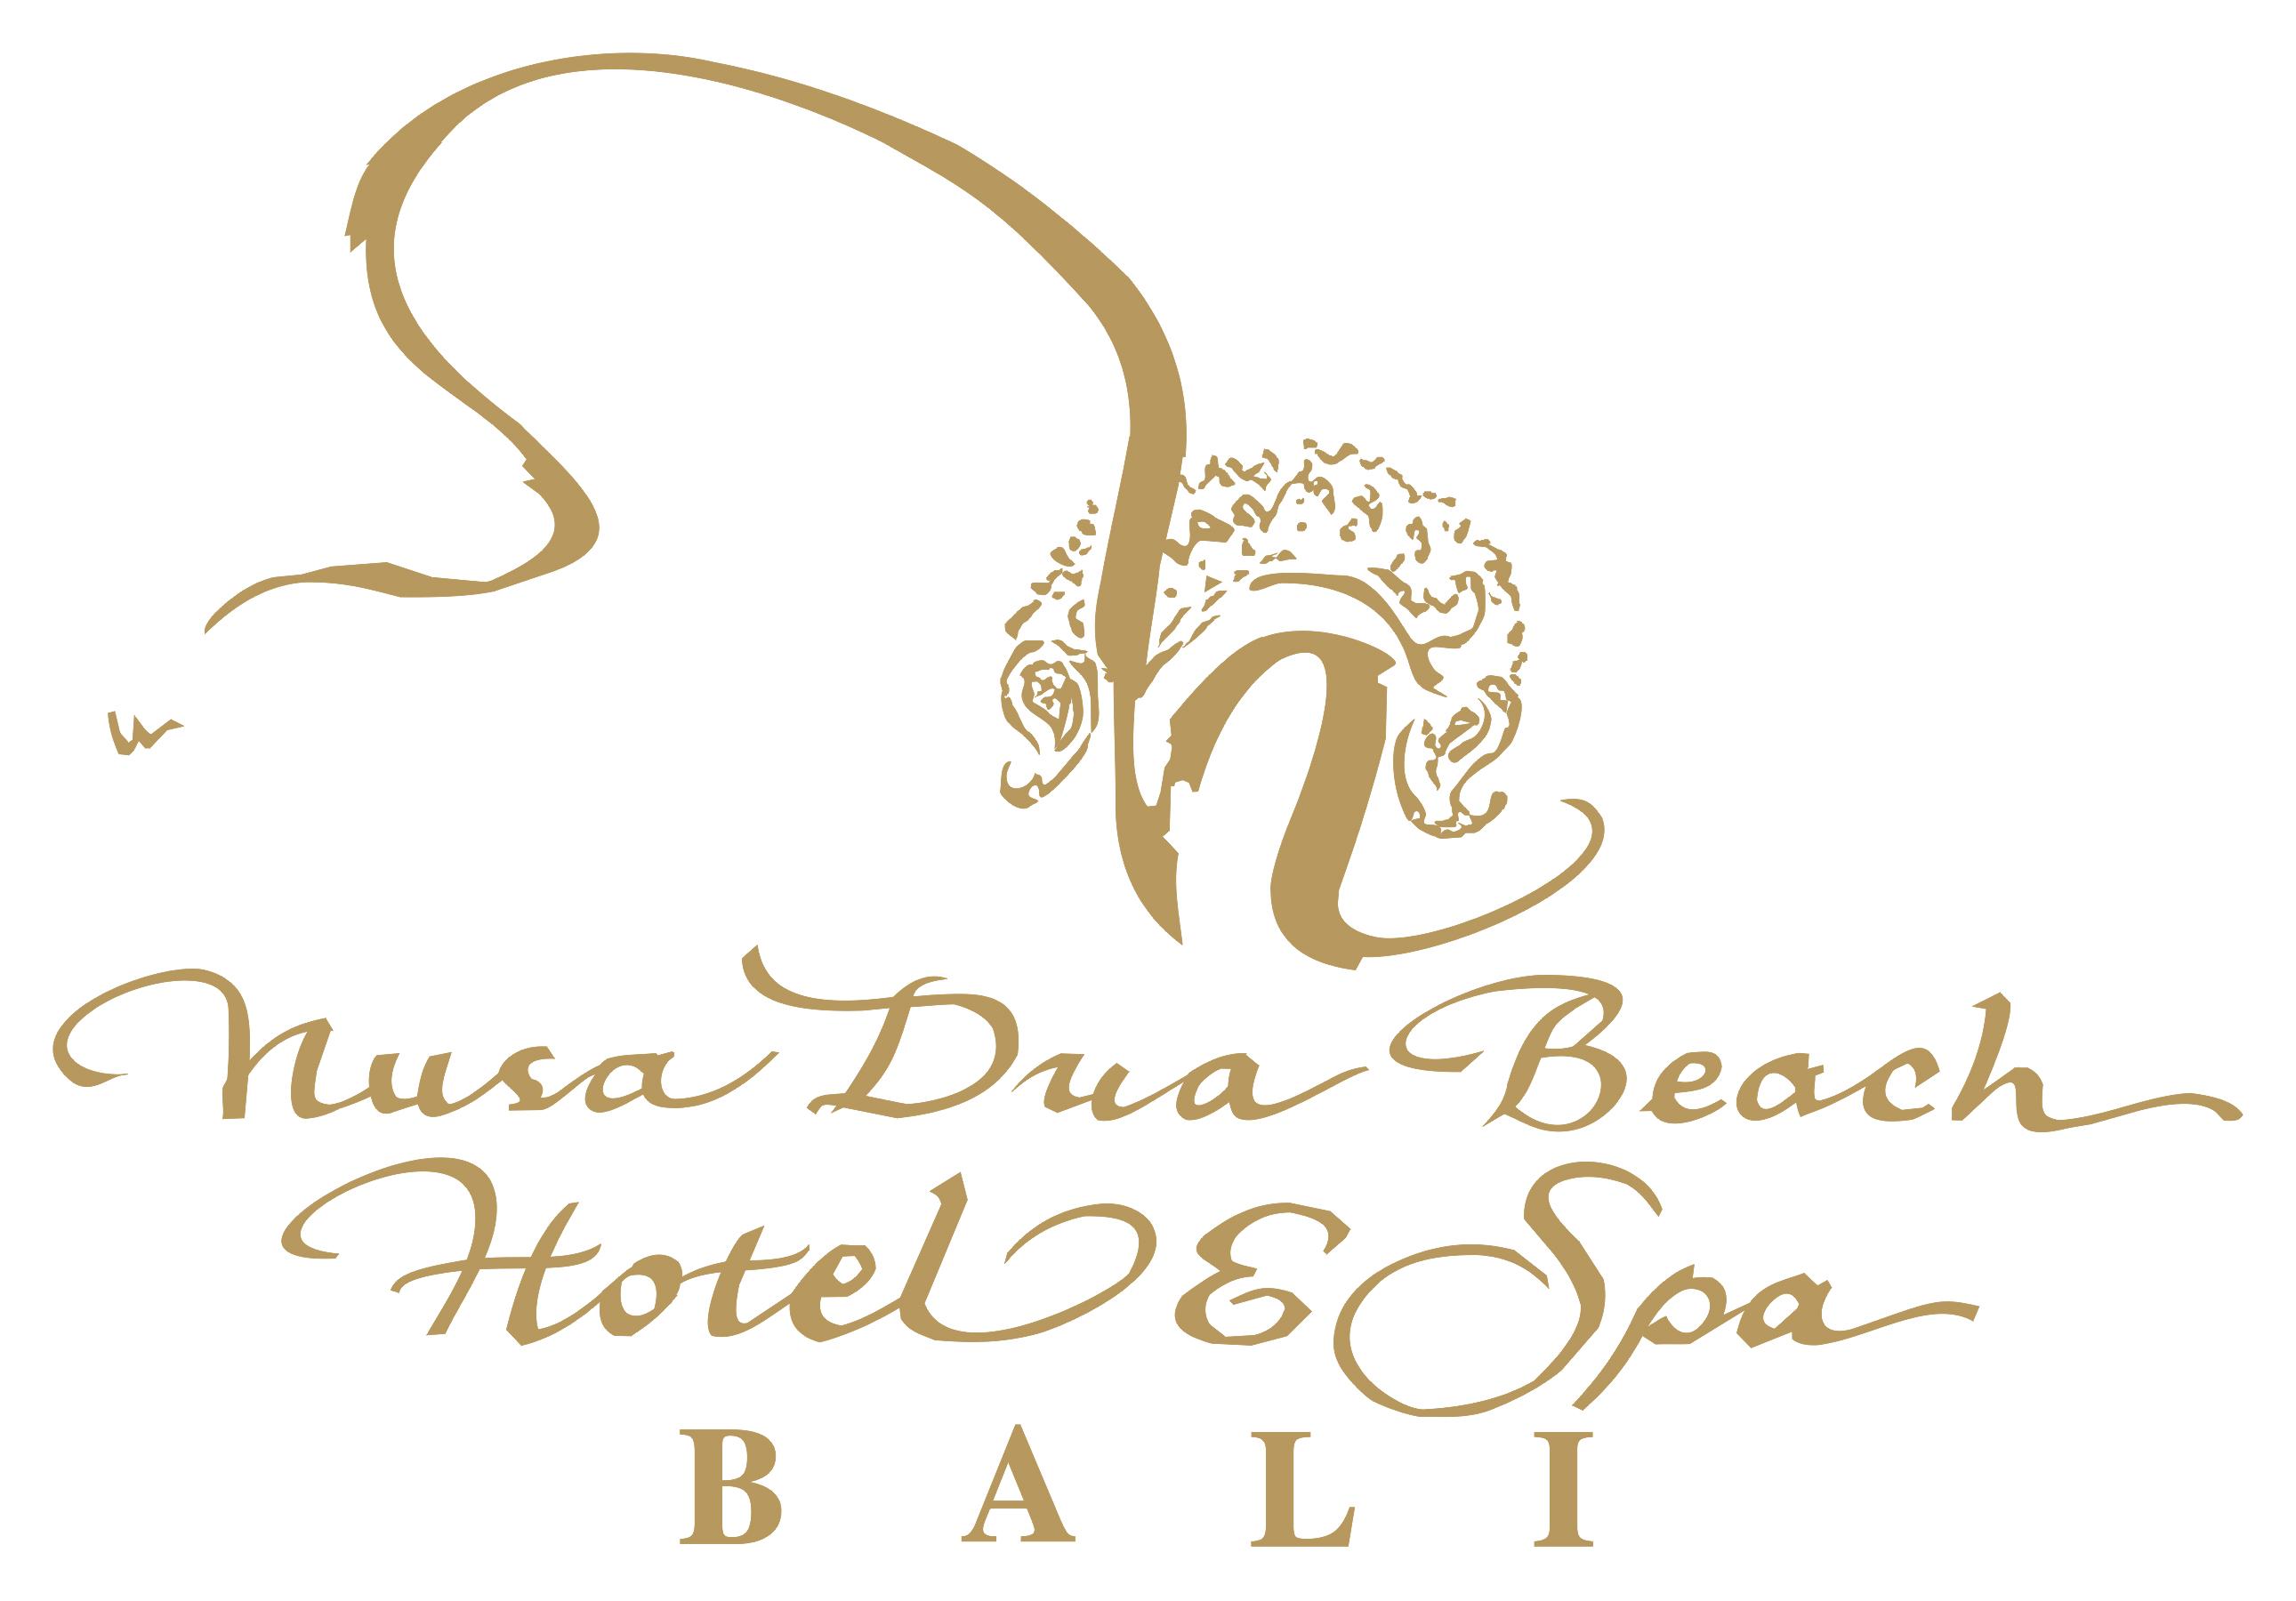 ヌサドゥア ビーチ ホテル & スパロゴ